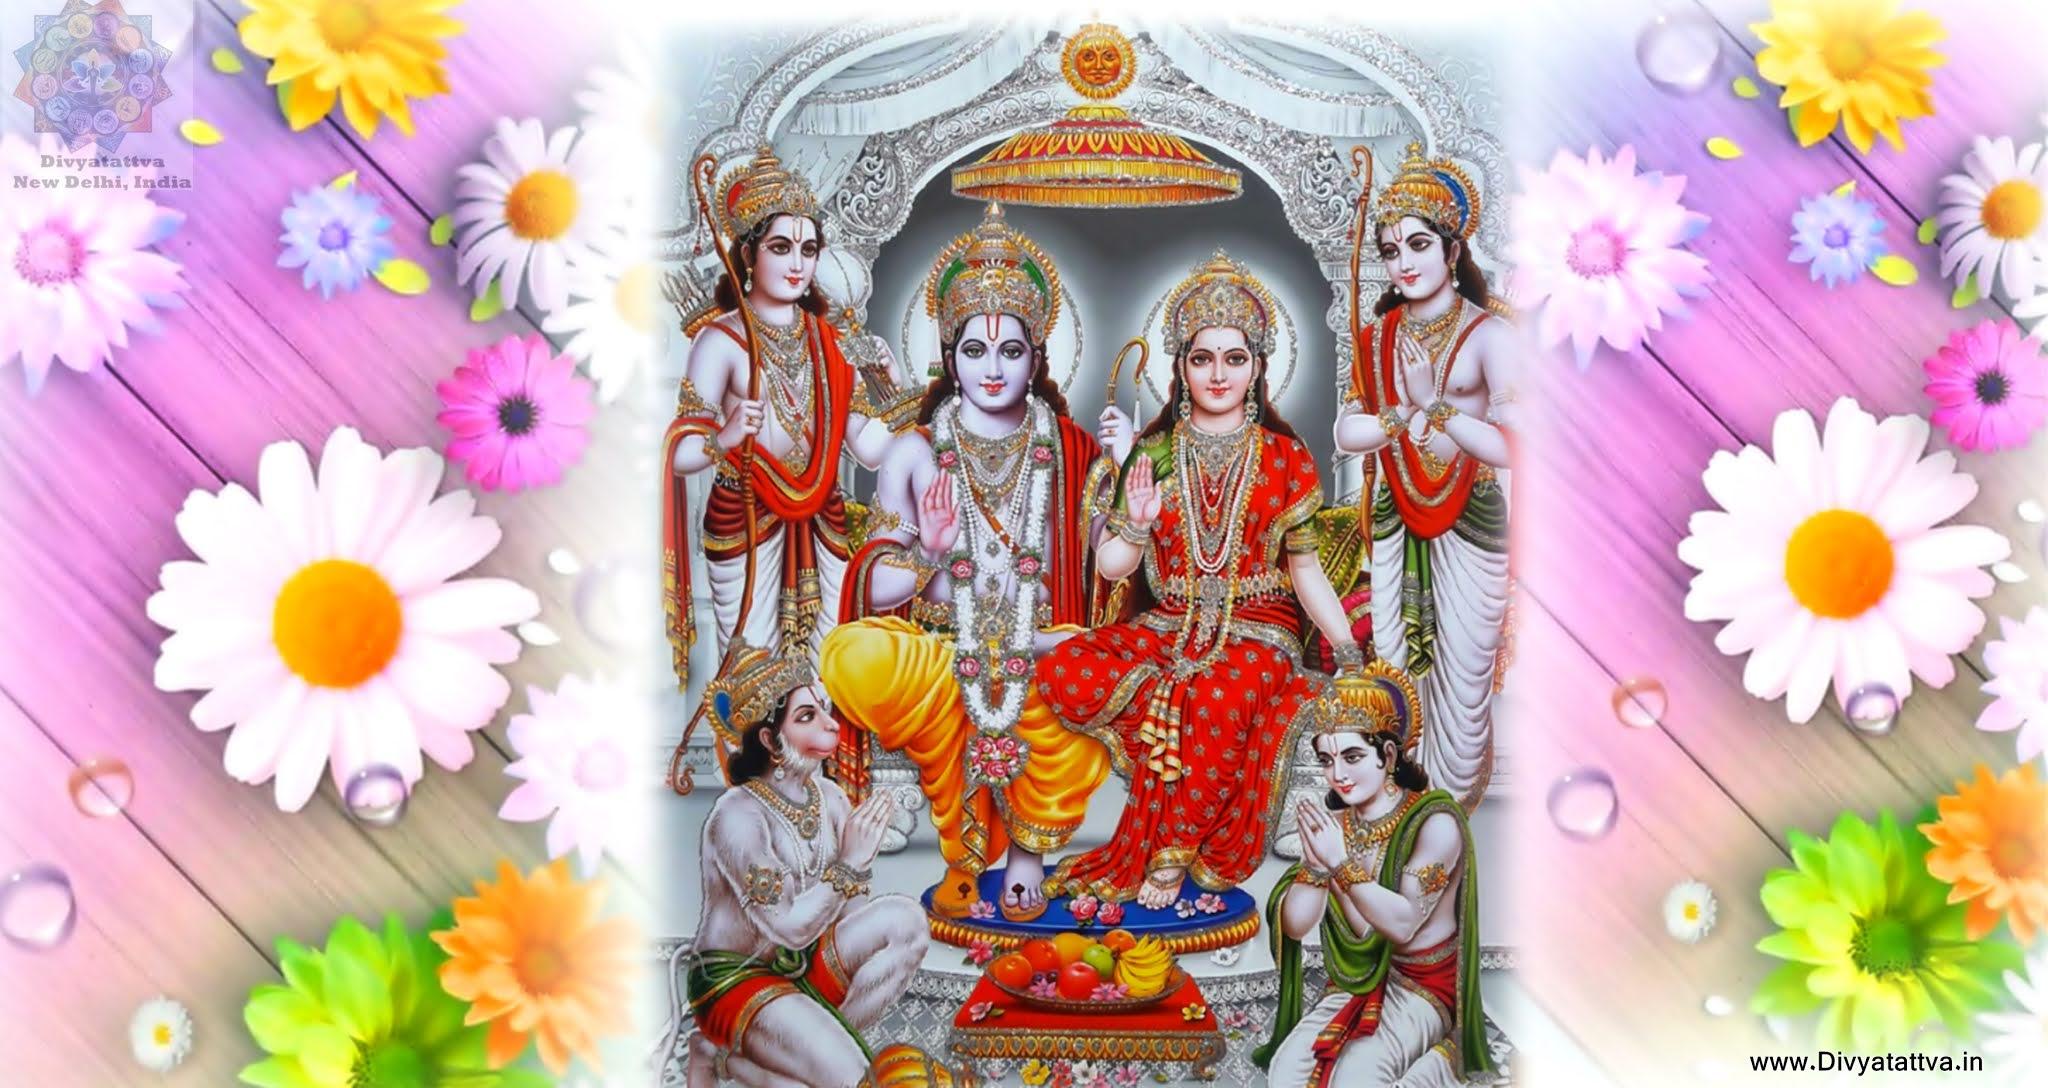 Lord Shri Rama and wife Sita Wallpaper 4K HD, Hindu Gods, Rama Sita Hanuman Images, Ram Bhagwan jai shree ram images  sri rama navami pictures, shri ram photos, lakshman